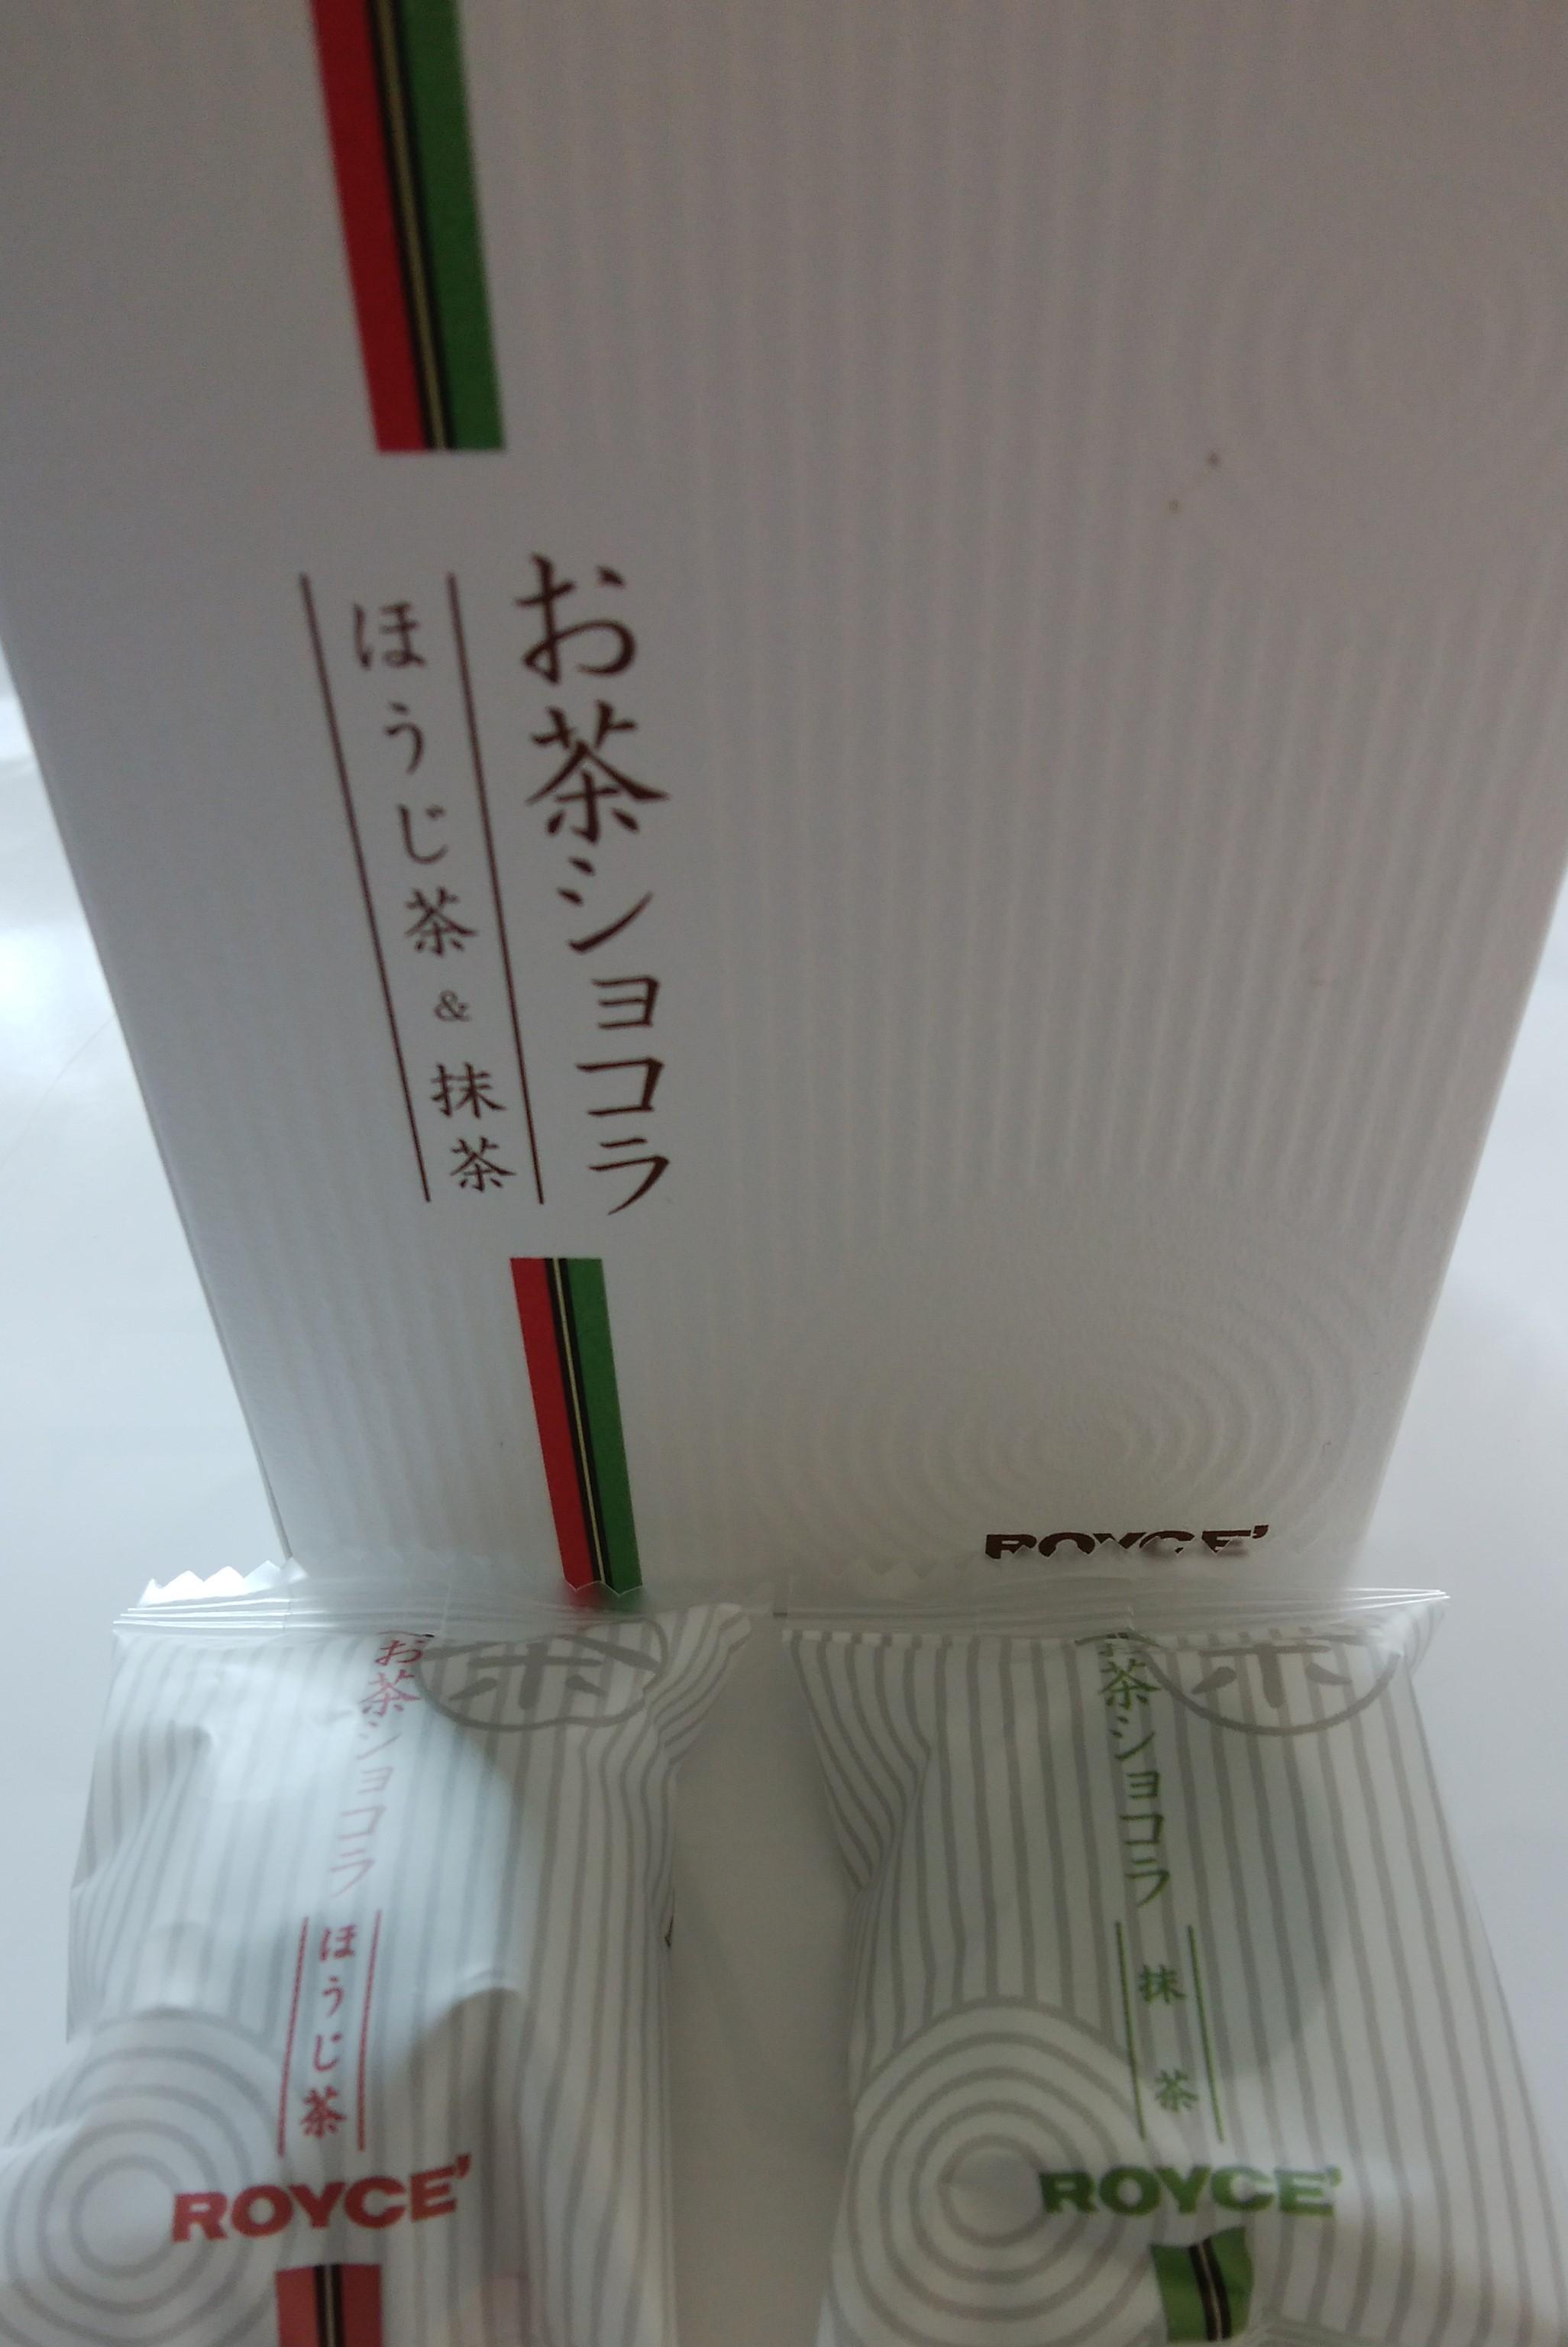 ロイズの抹茶シリーズ商品とは?